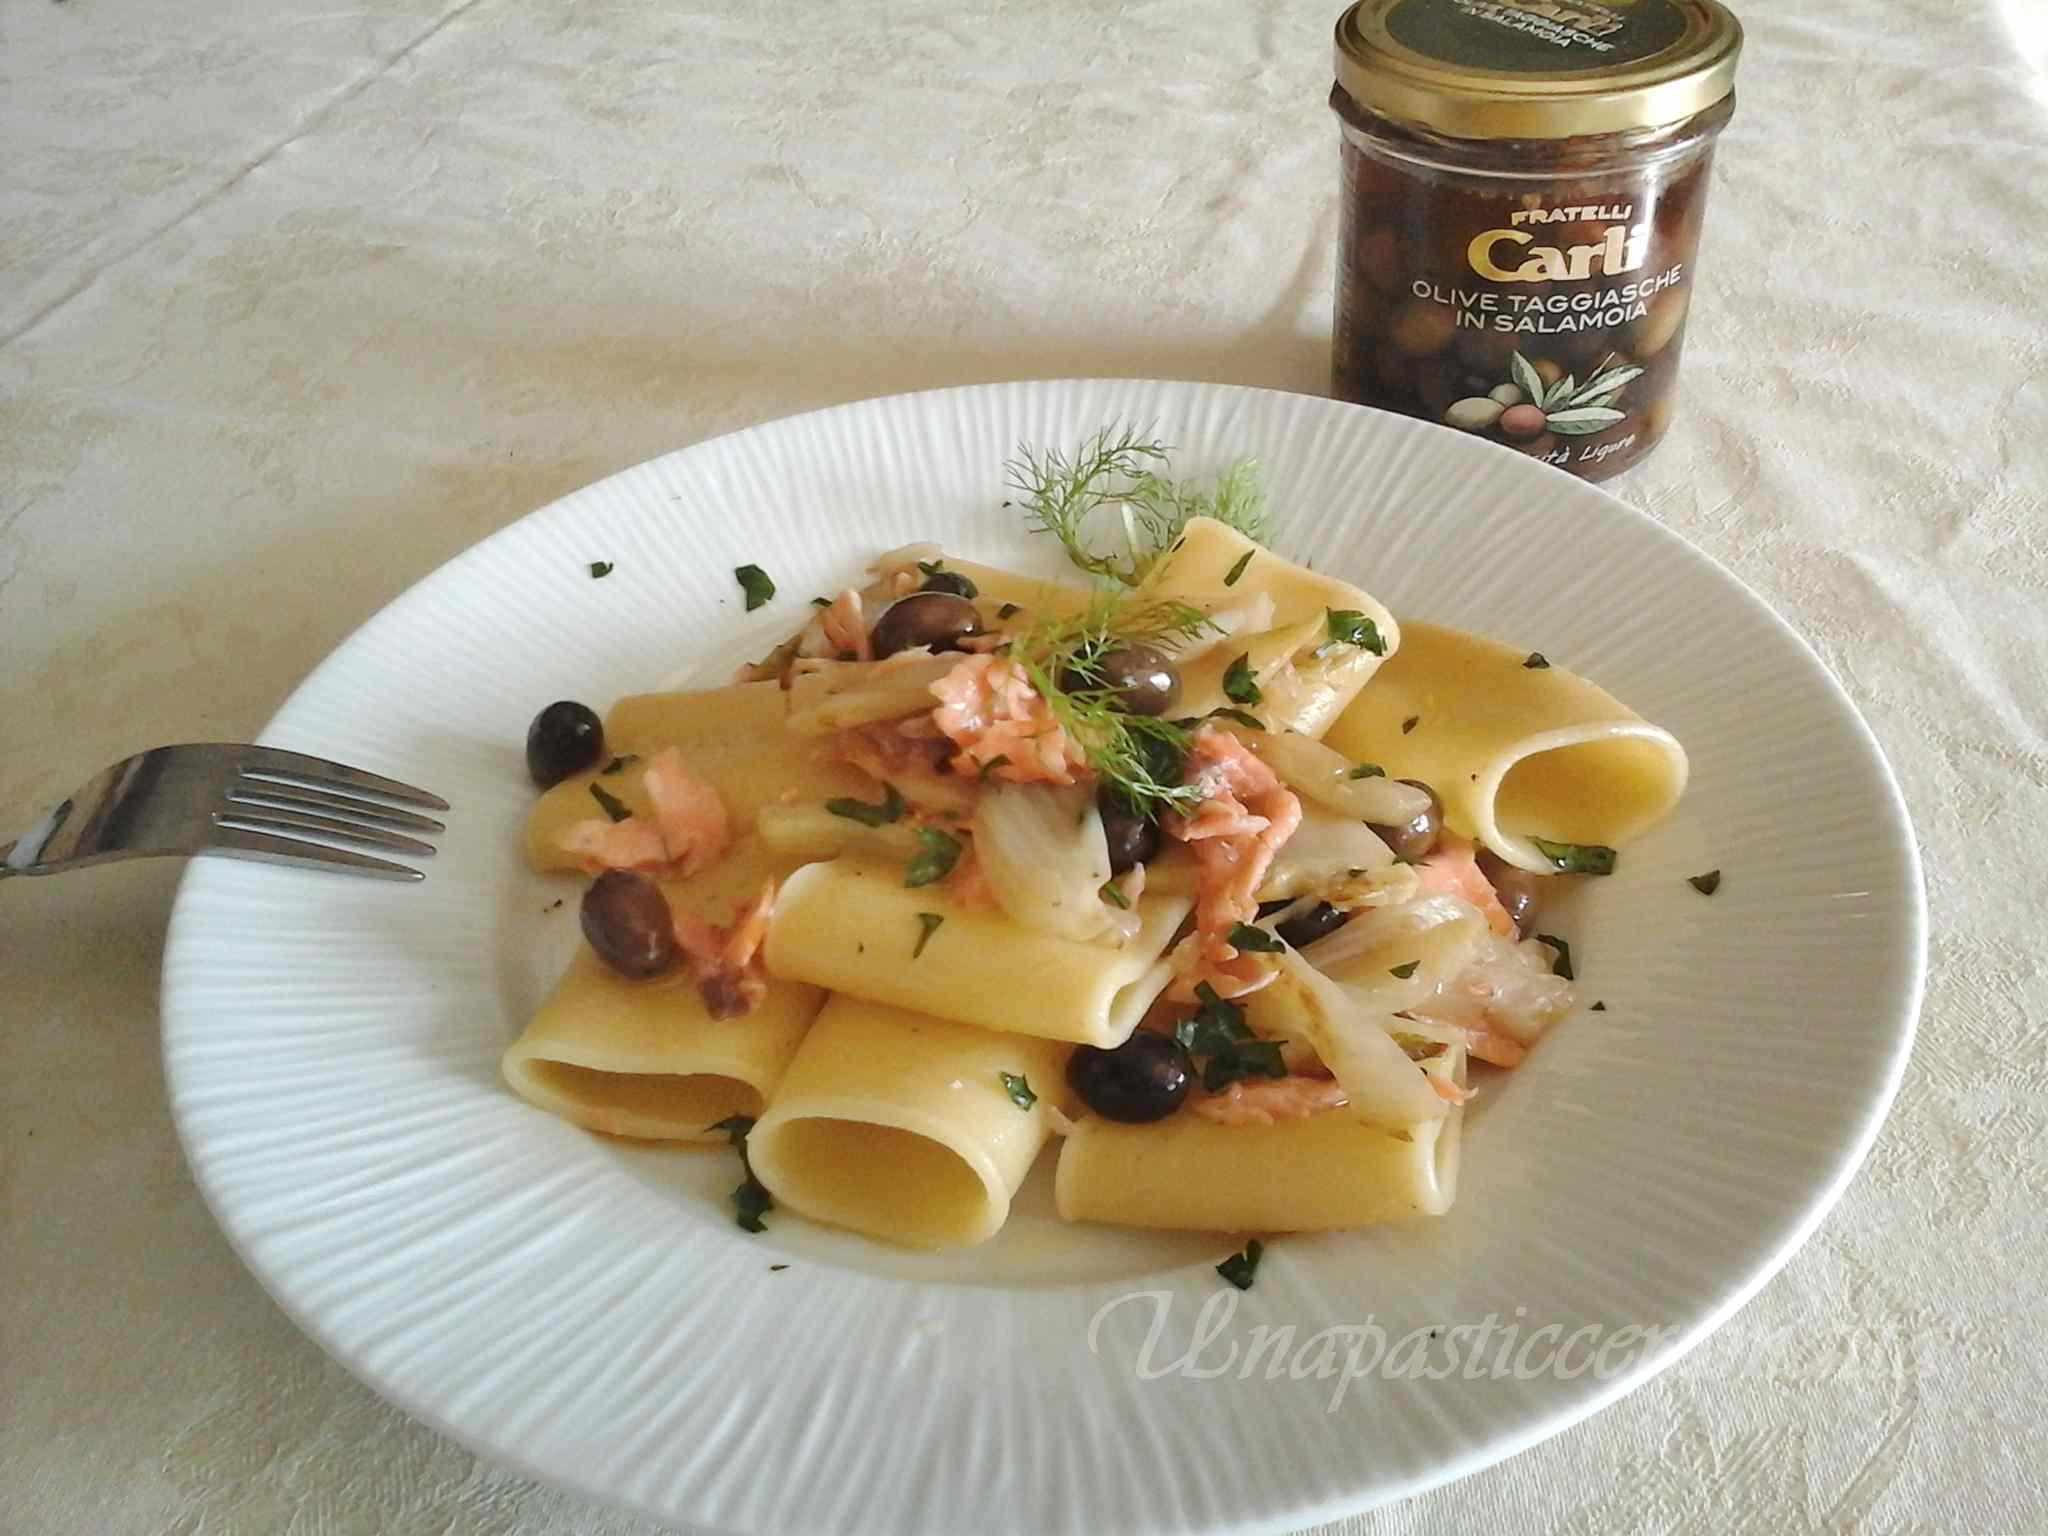 Ricetta: Paccheri salmone, finocchio e olive taggiasche